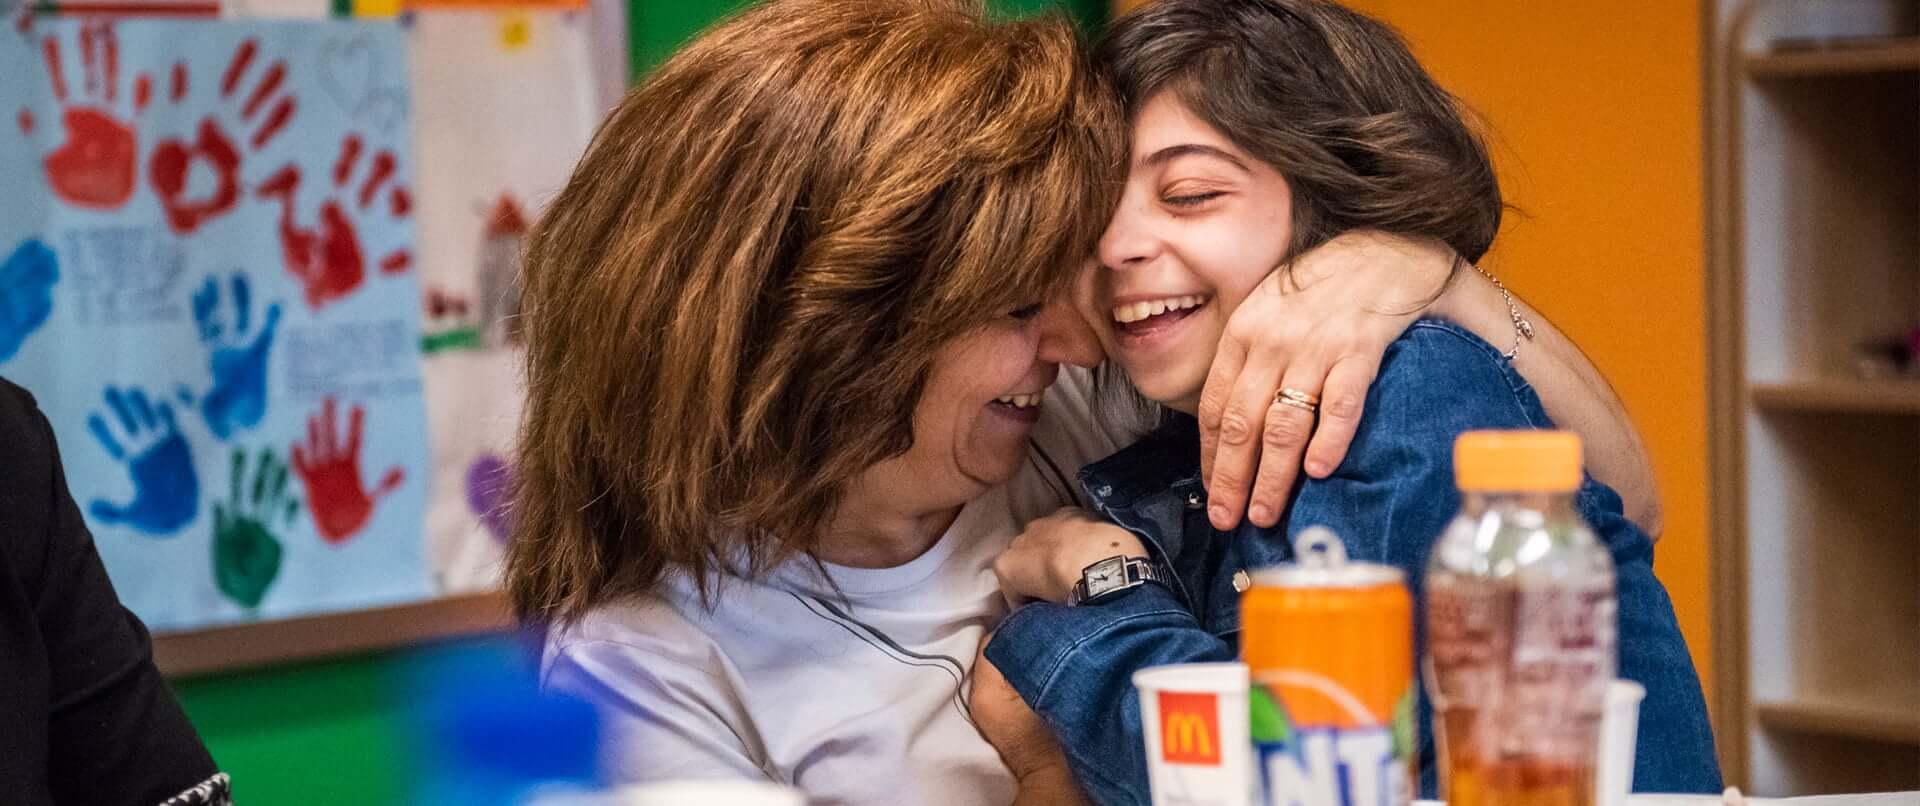 Bambina e madre abbracciate